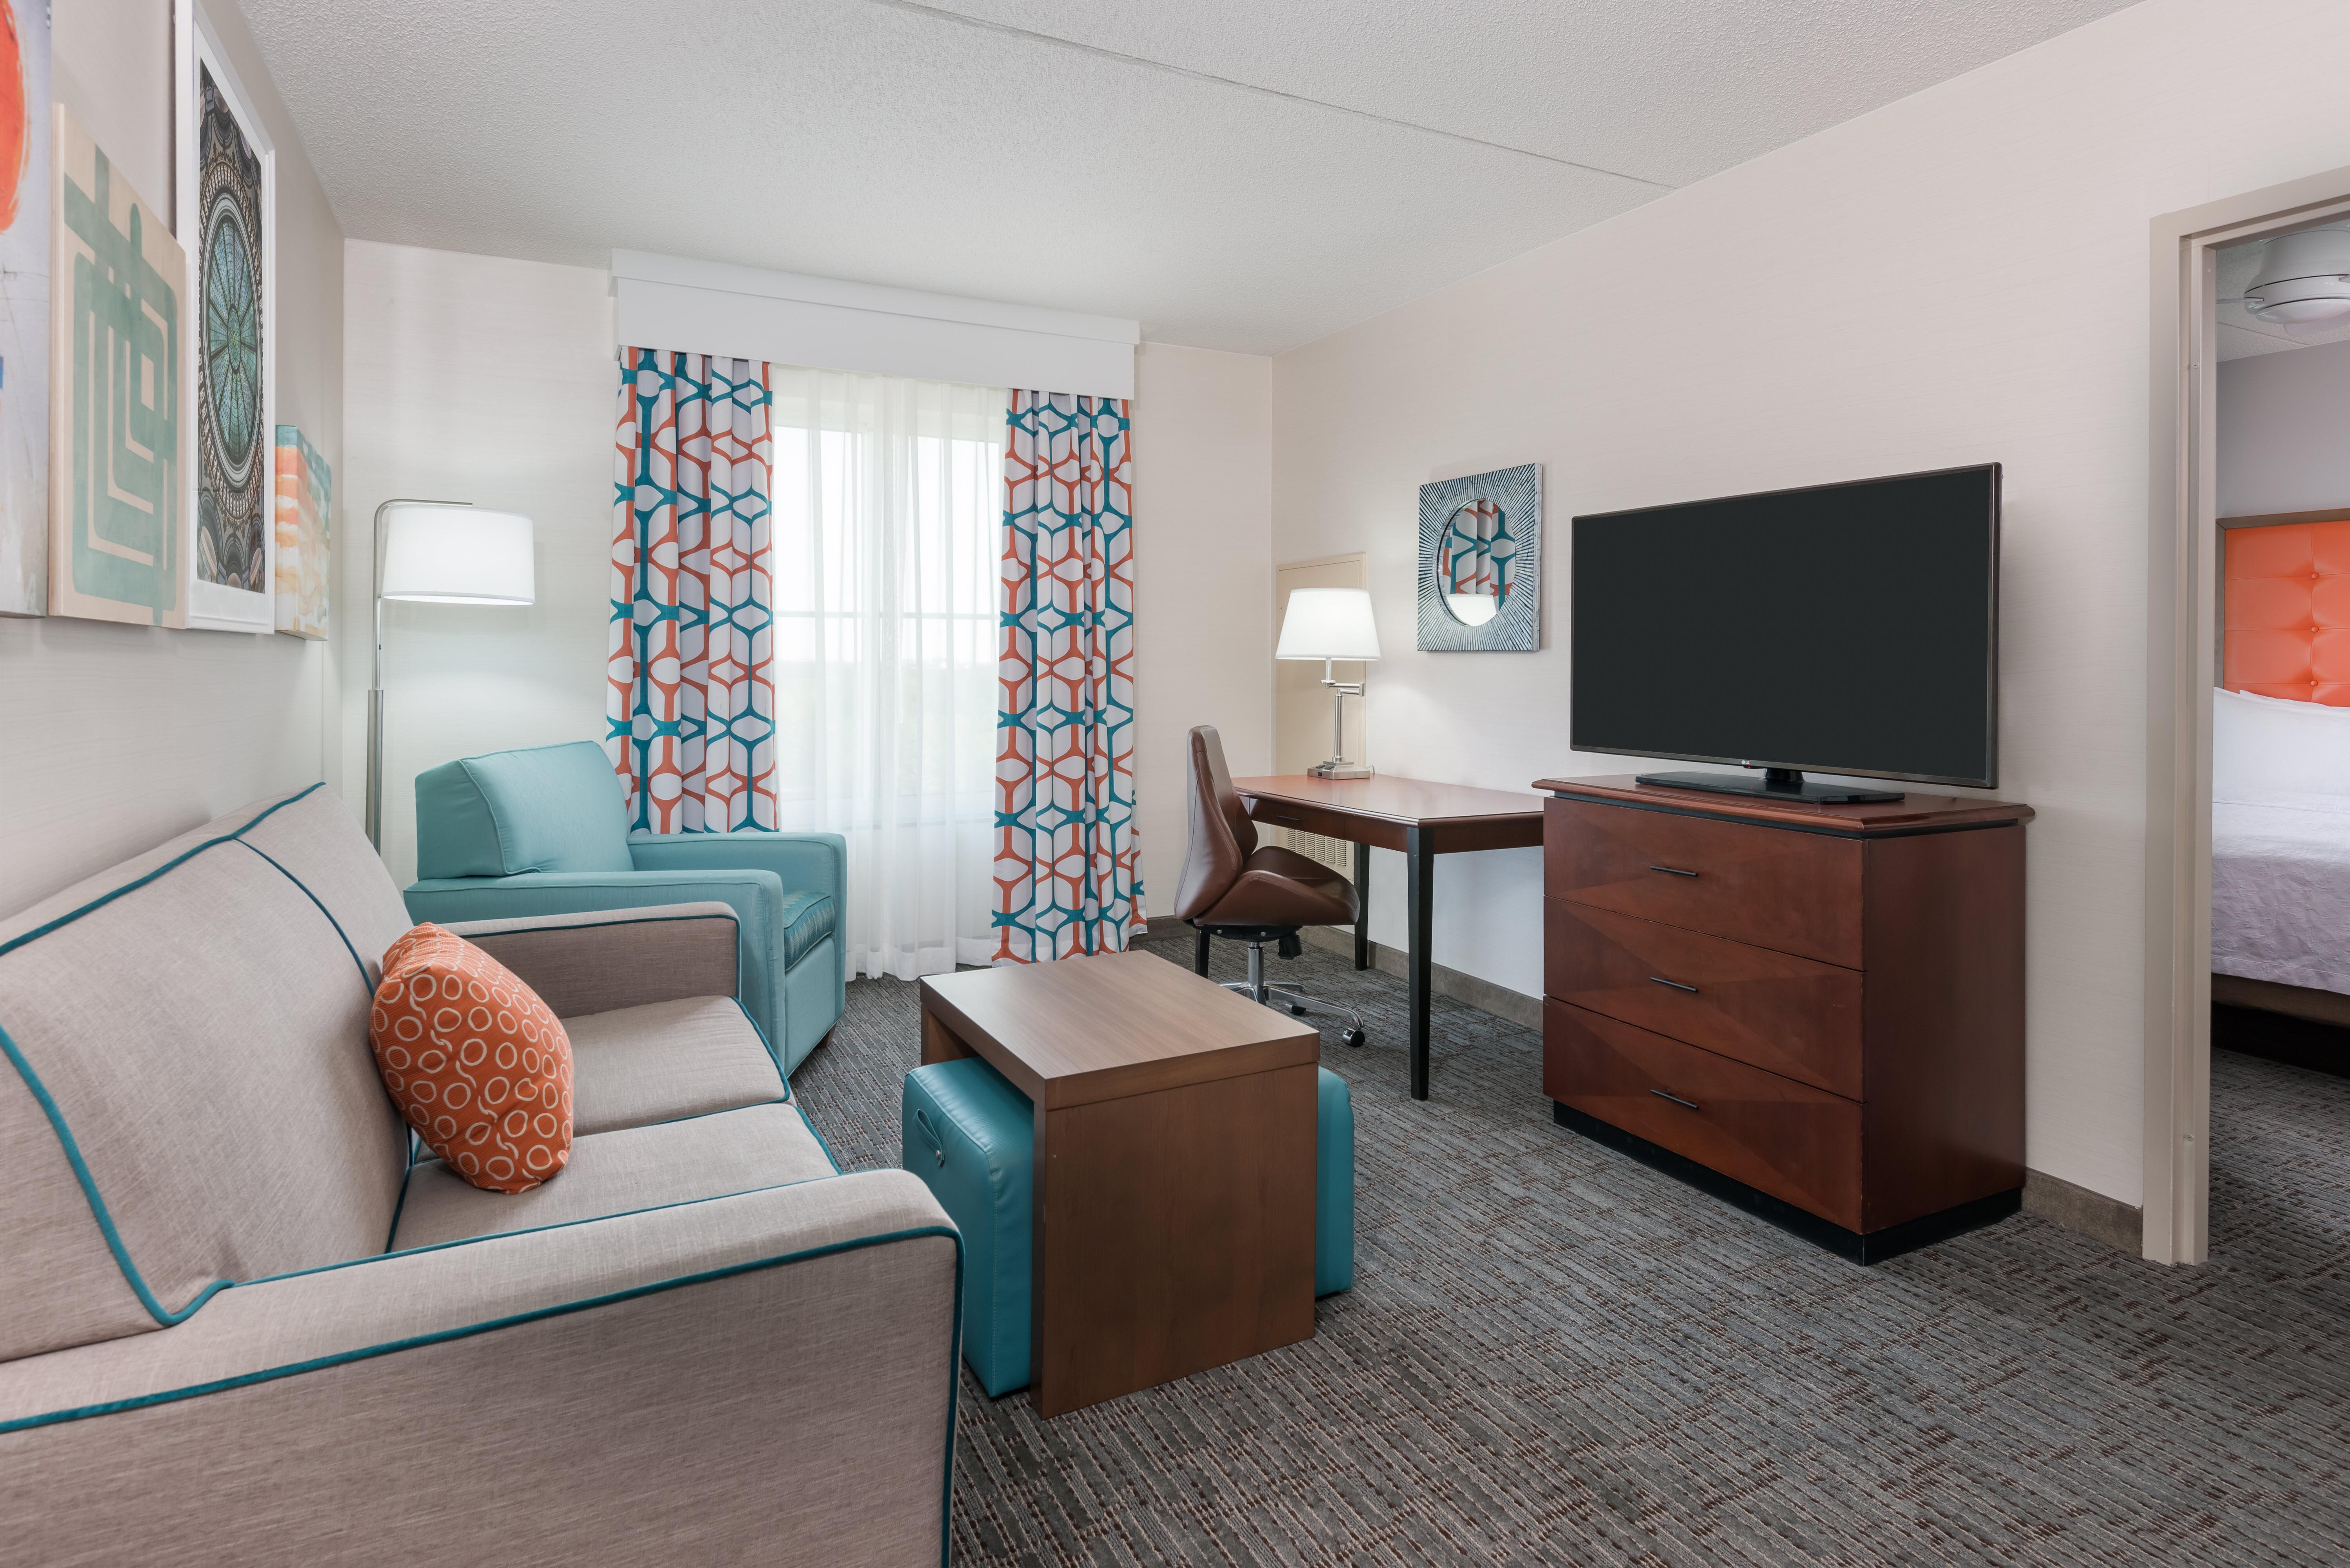 Homewood Suites by Hilton Cleveland-Beachwood image 6